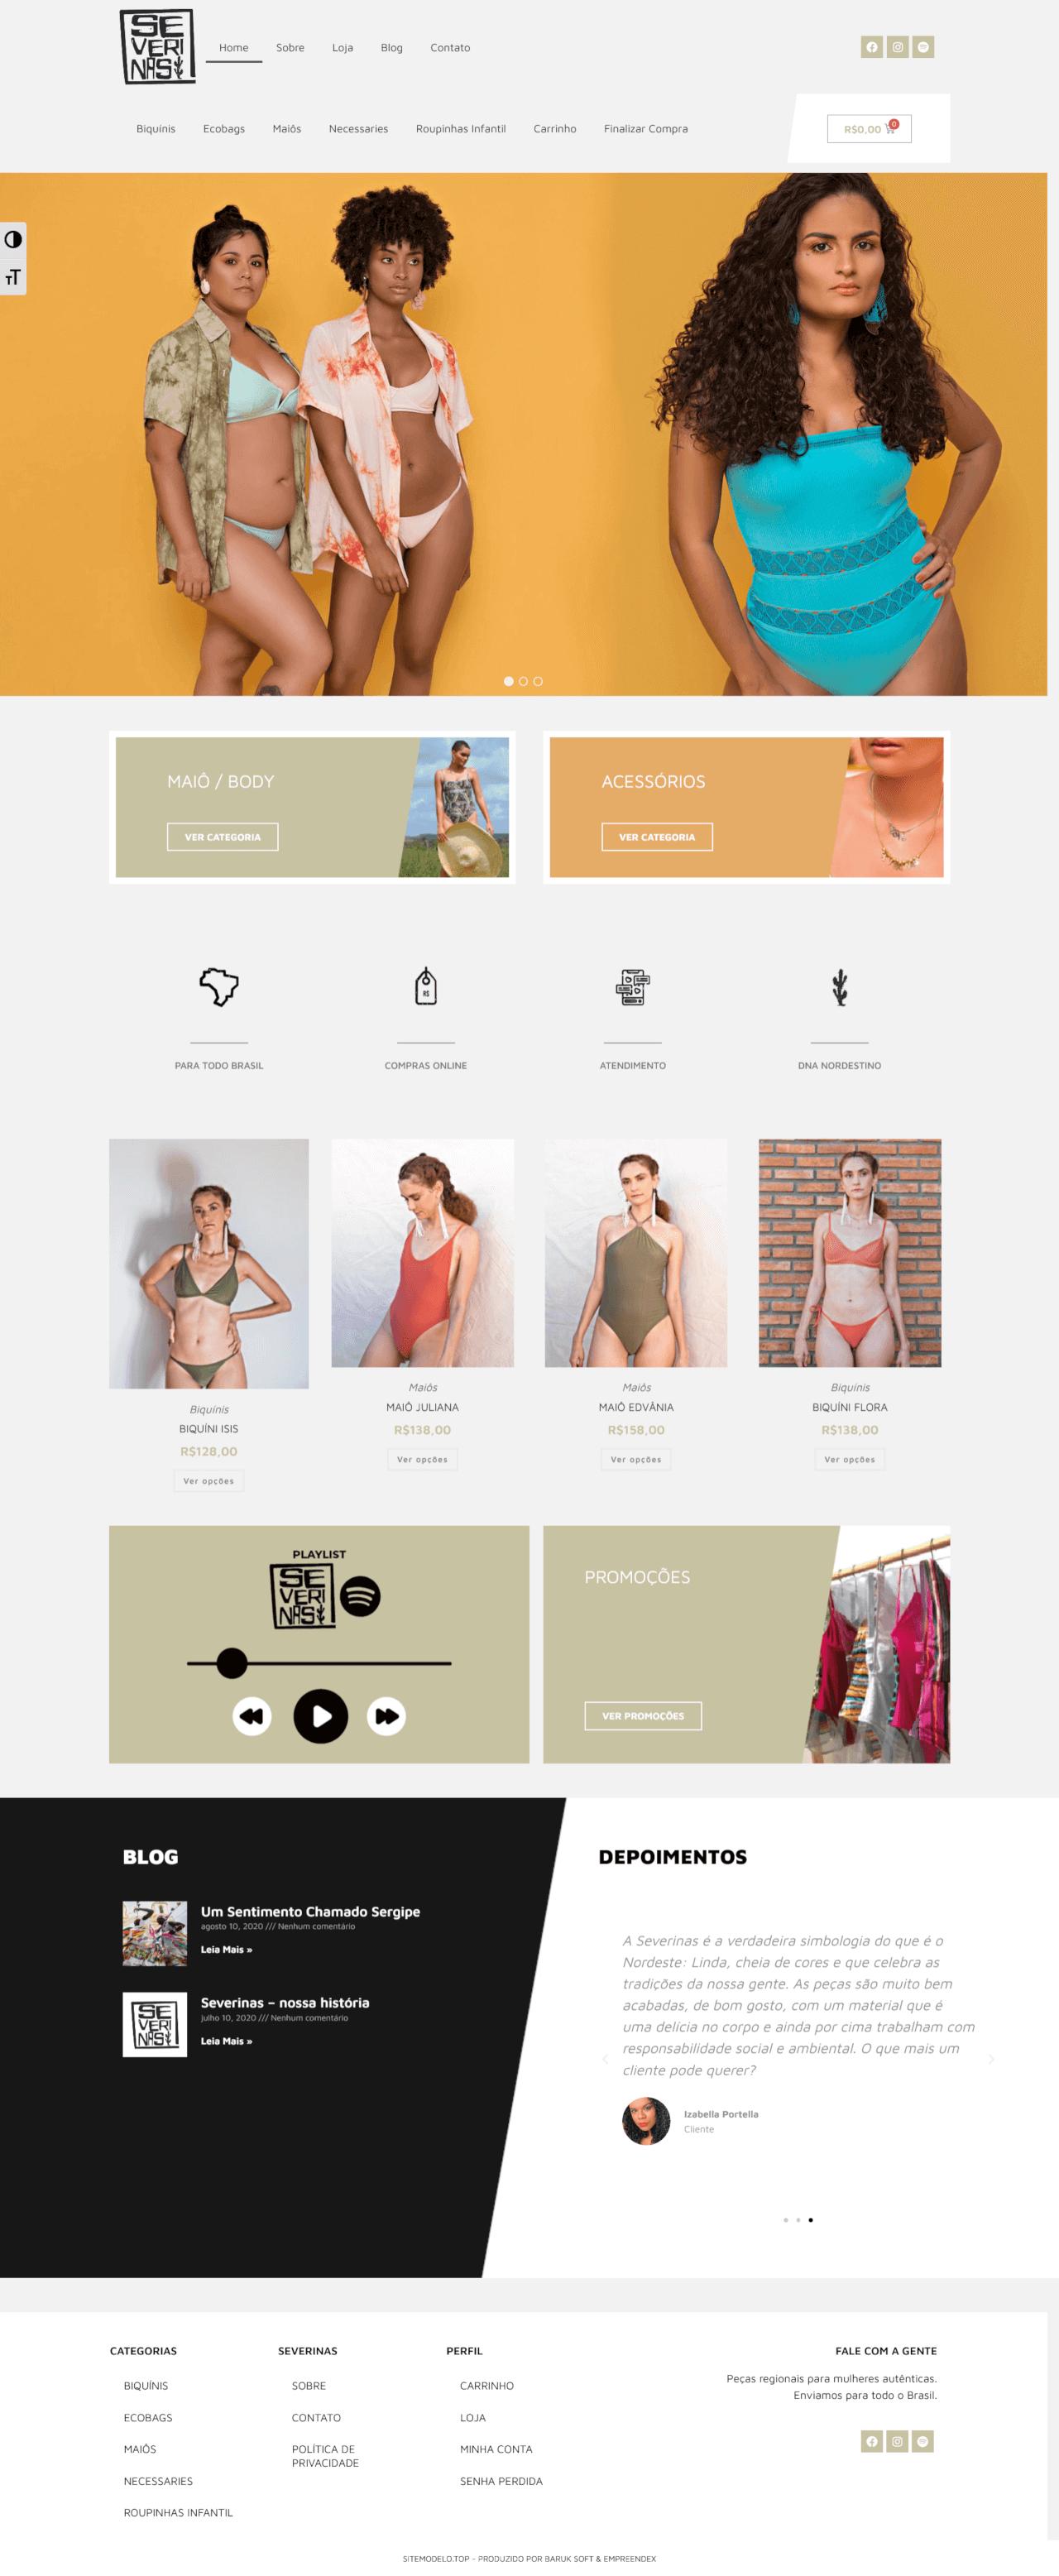 loja virtual moda praia feminina-masculina acessorios roupas aracaju/sergipe - página inicial - severinas